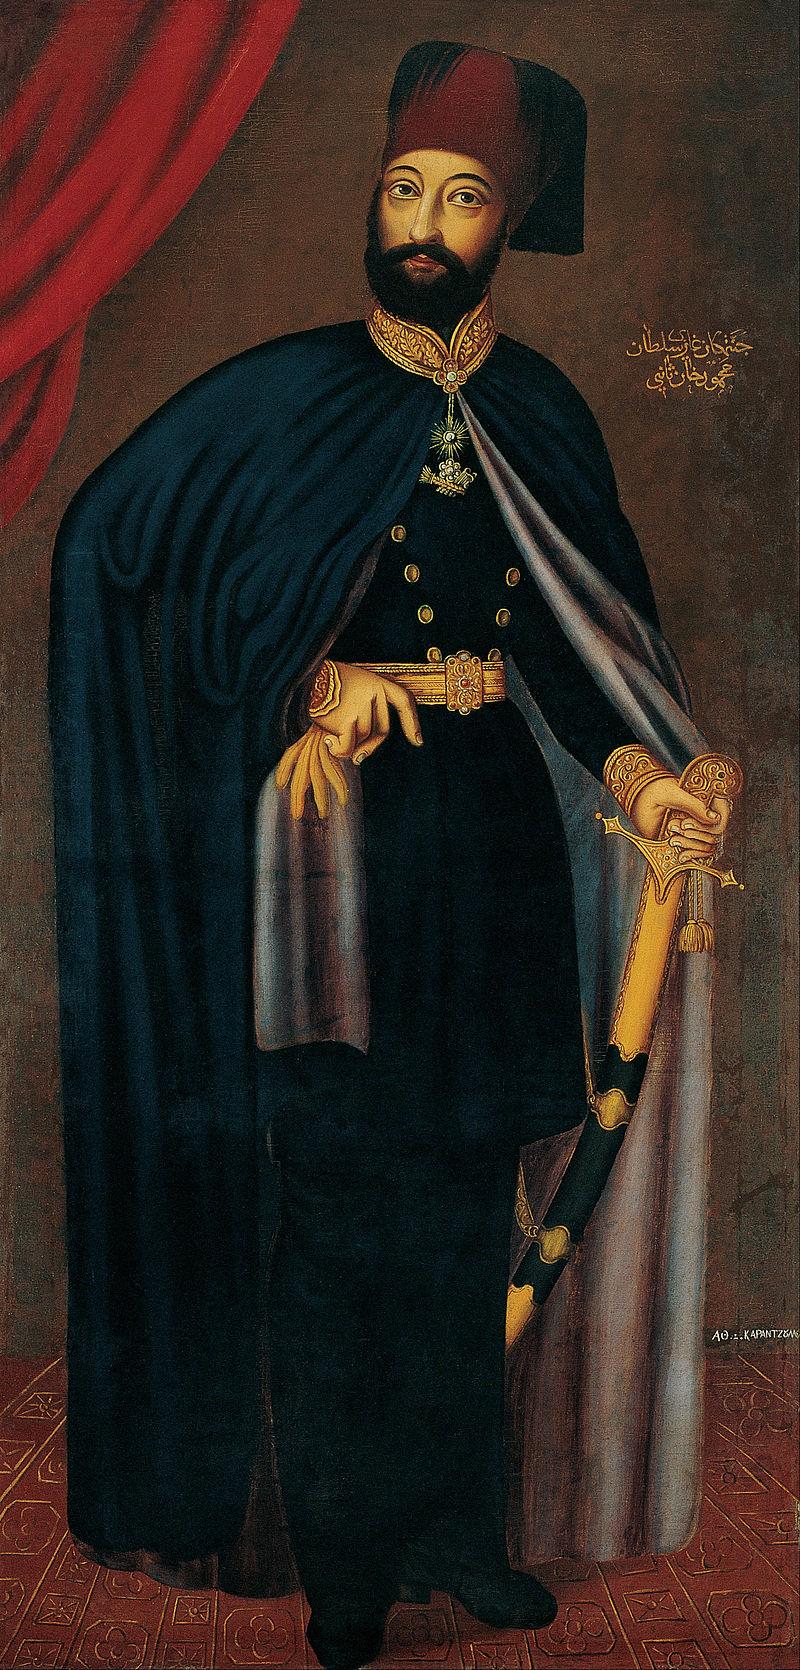 II. Mahmud 30. Osmanlı Padişahı Ve 109. İslam Halifesidir. Osman Gazi Ve Sultan İbrahimden Sonra Osmanlı Hanedanı üçüncü Ve Son Soy Atası Ottoman Empire